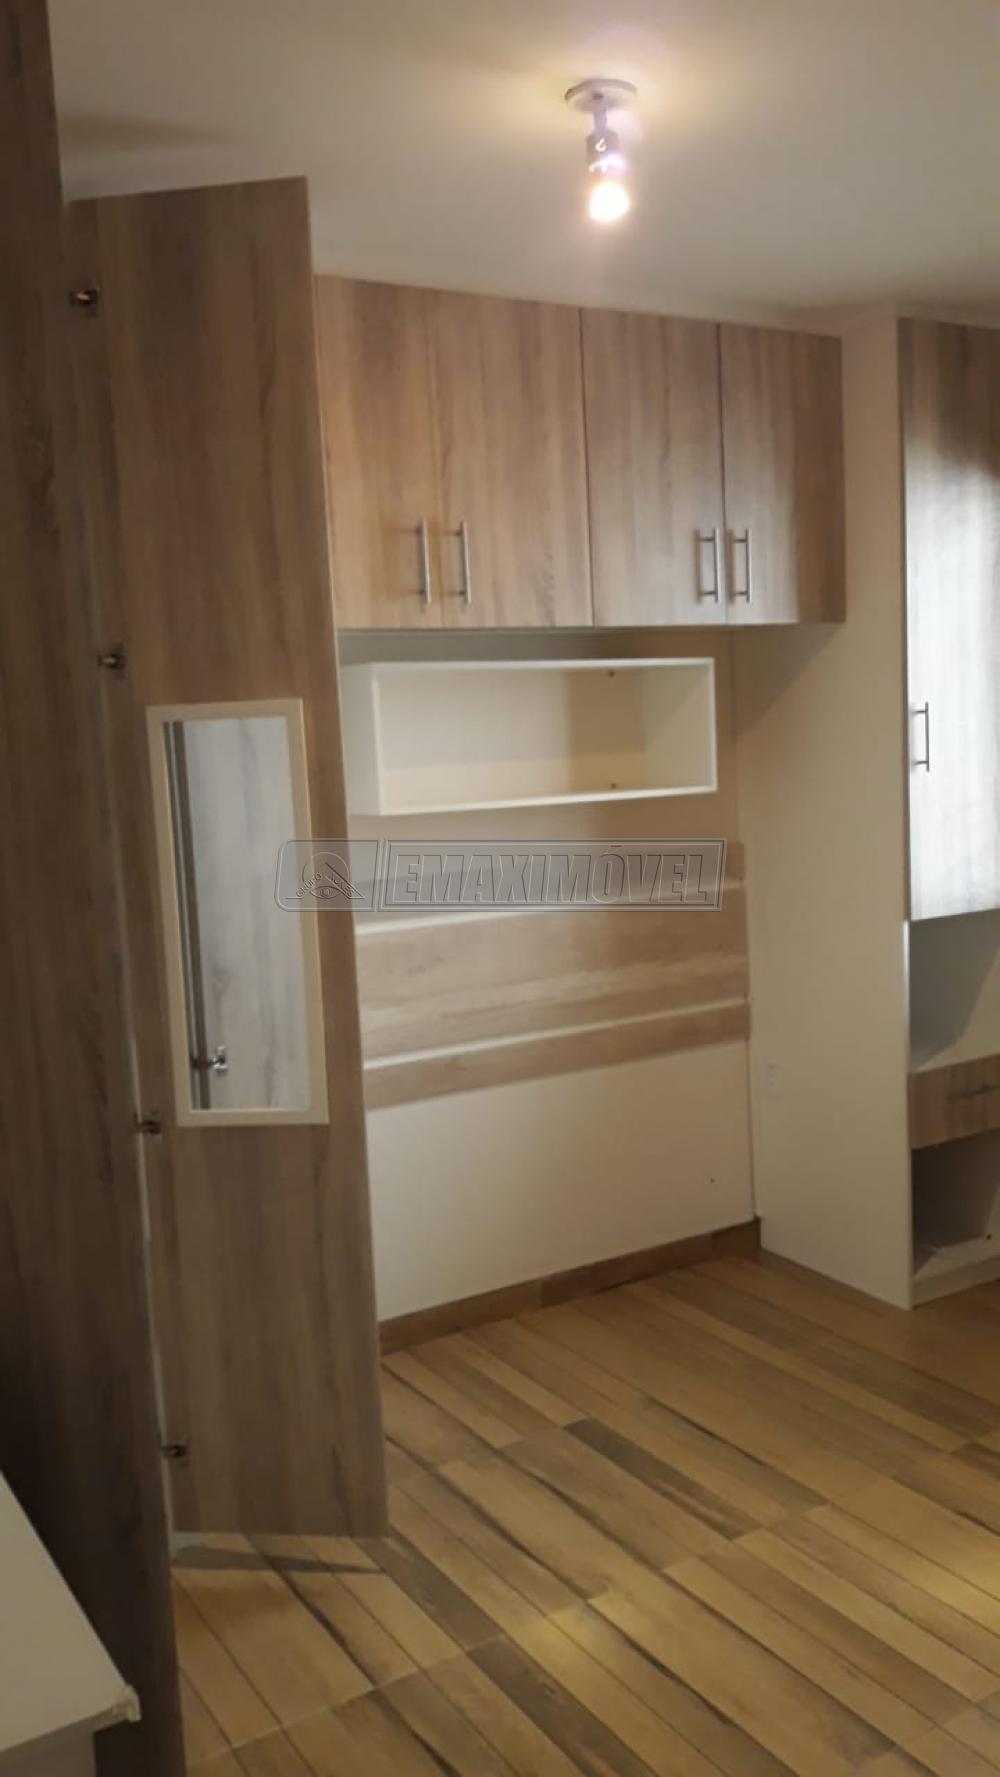 Alugar Apartamento / Padrão em Sorocaba R$ 900,00 - Foto 13